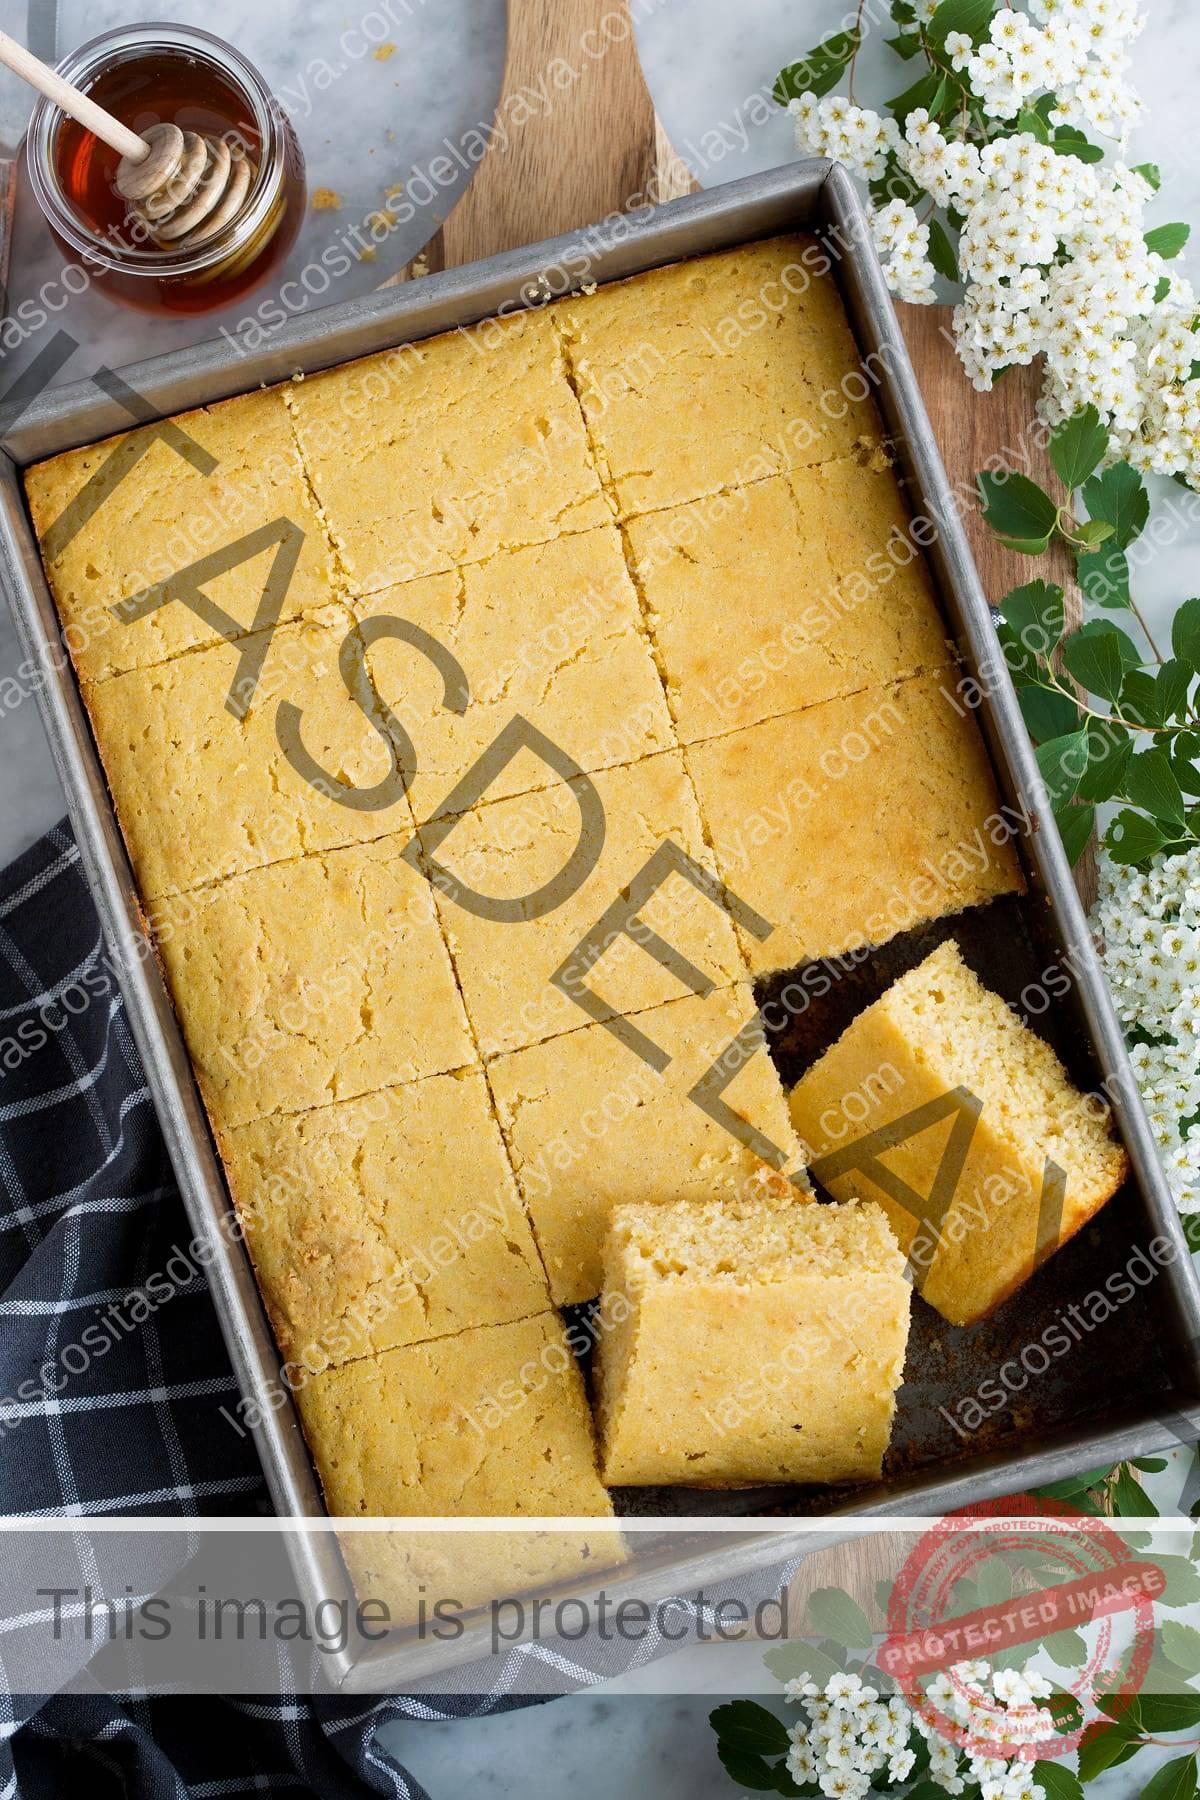 Imagen aérea de pan de maíz cortado en cuadrados en una bandeja para hornear.